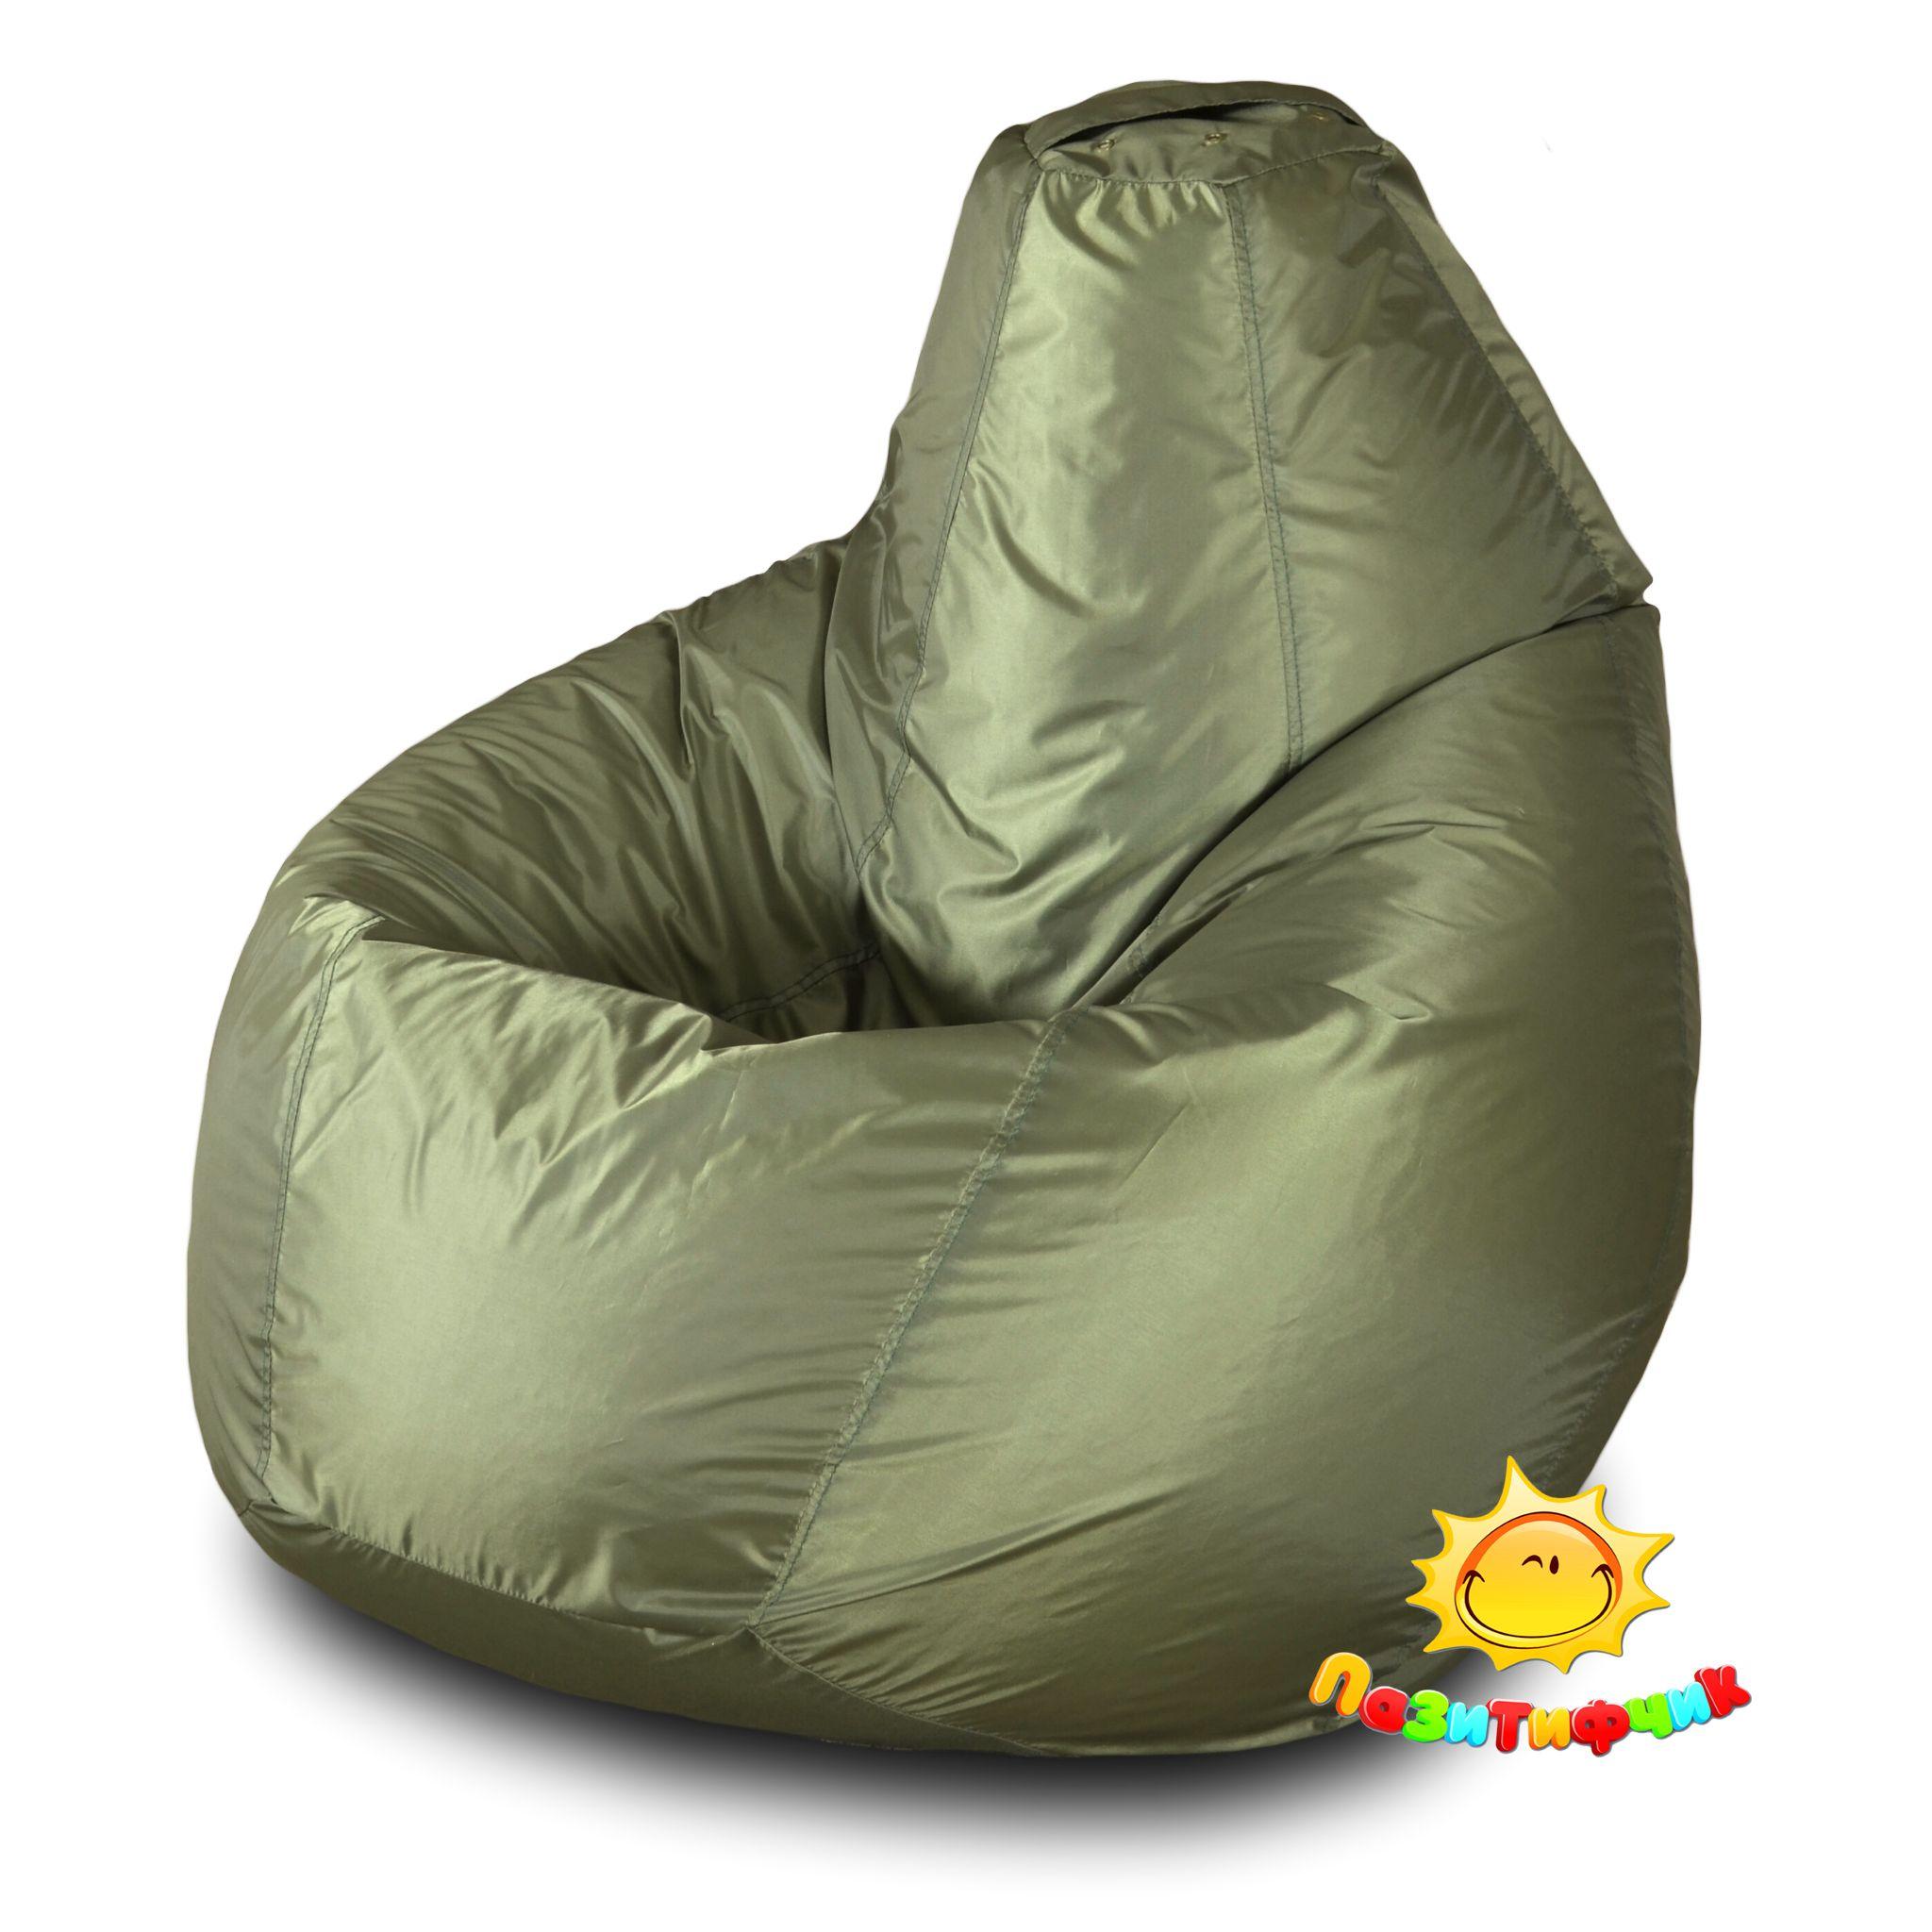 Кресло-мешок Pazitif Груша Пазитифчик Оксфорд, размер XXXL, оксфорд, хаки фото